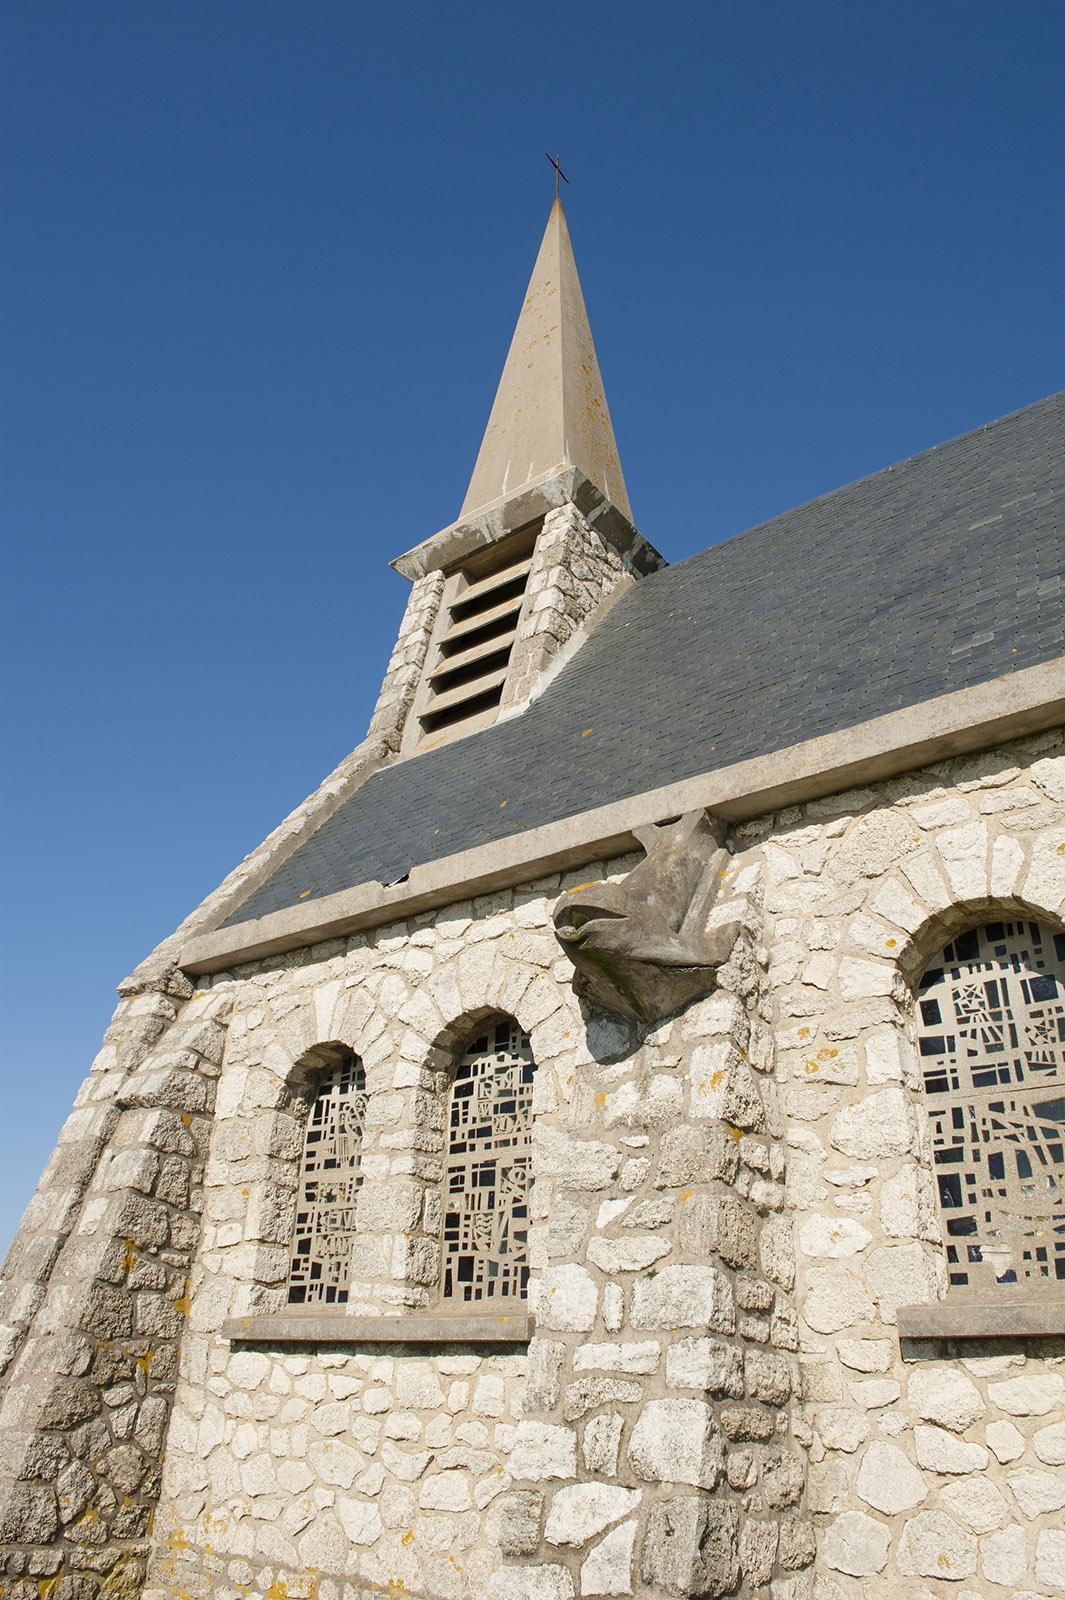 Die Kapelle von Étretat hoch oben auf der Klippe. Foto: Hilke Maunder